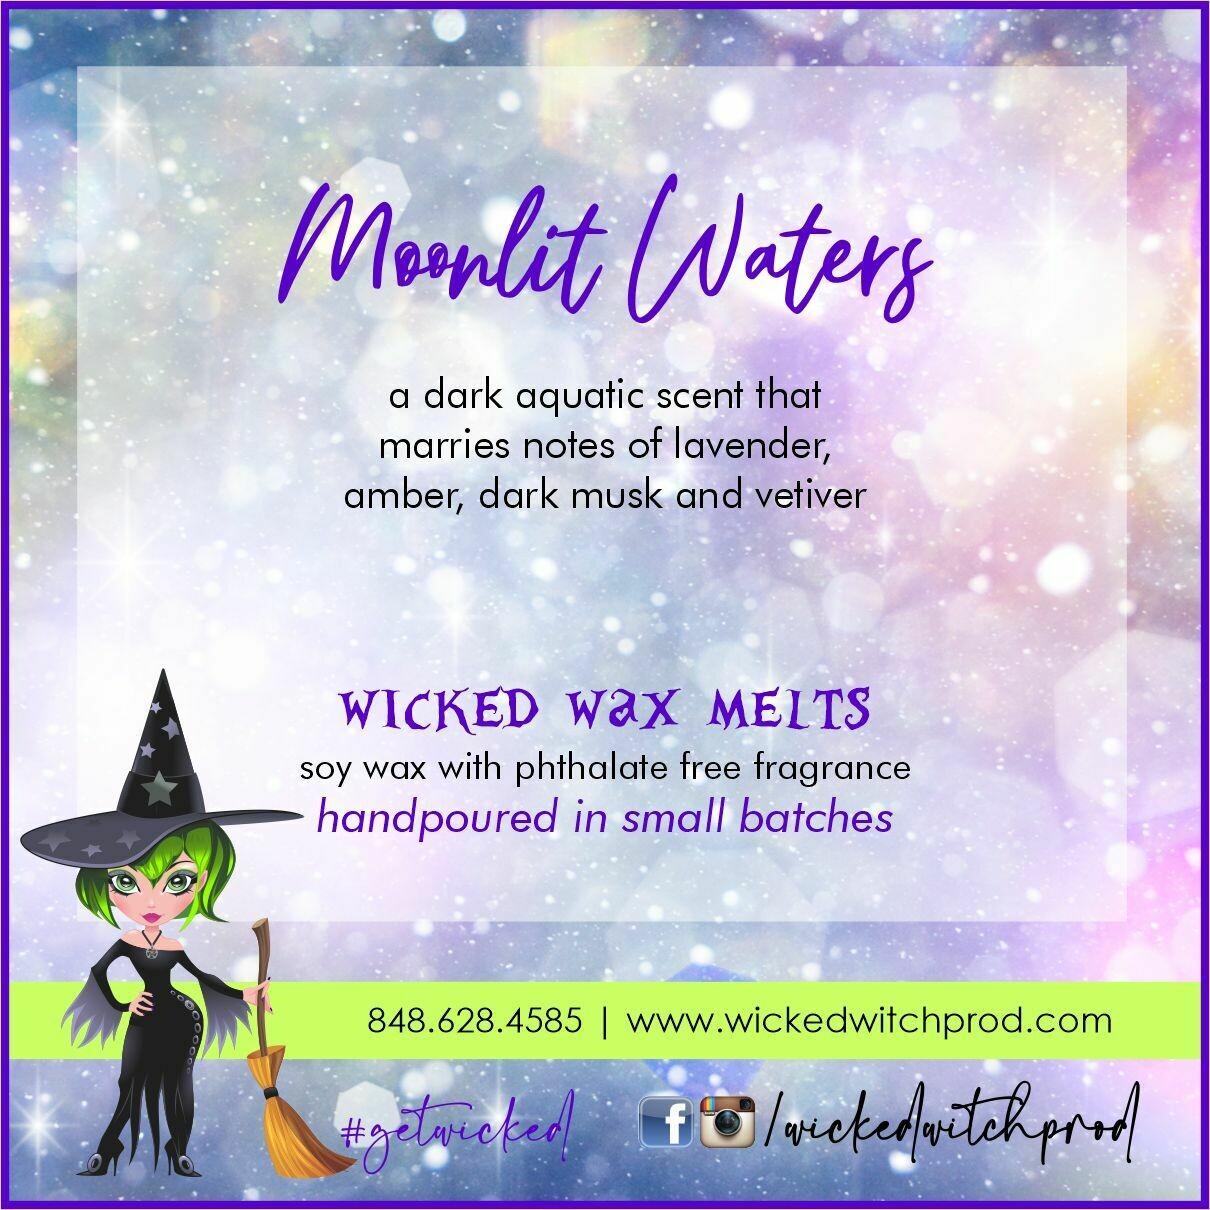 Moonlit Waters Wicked Wax Melts